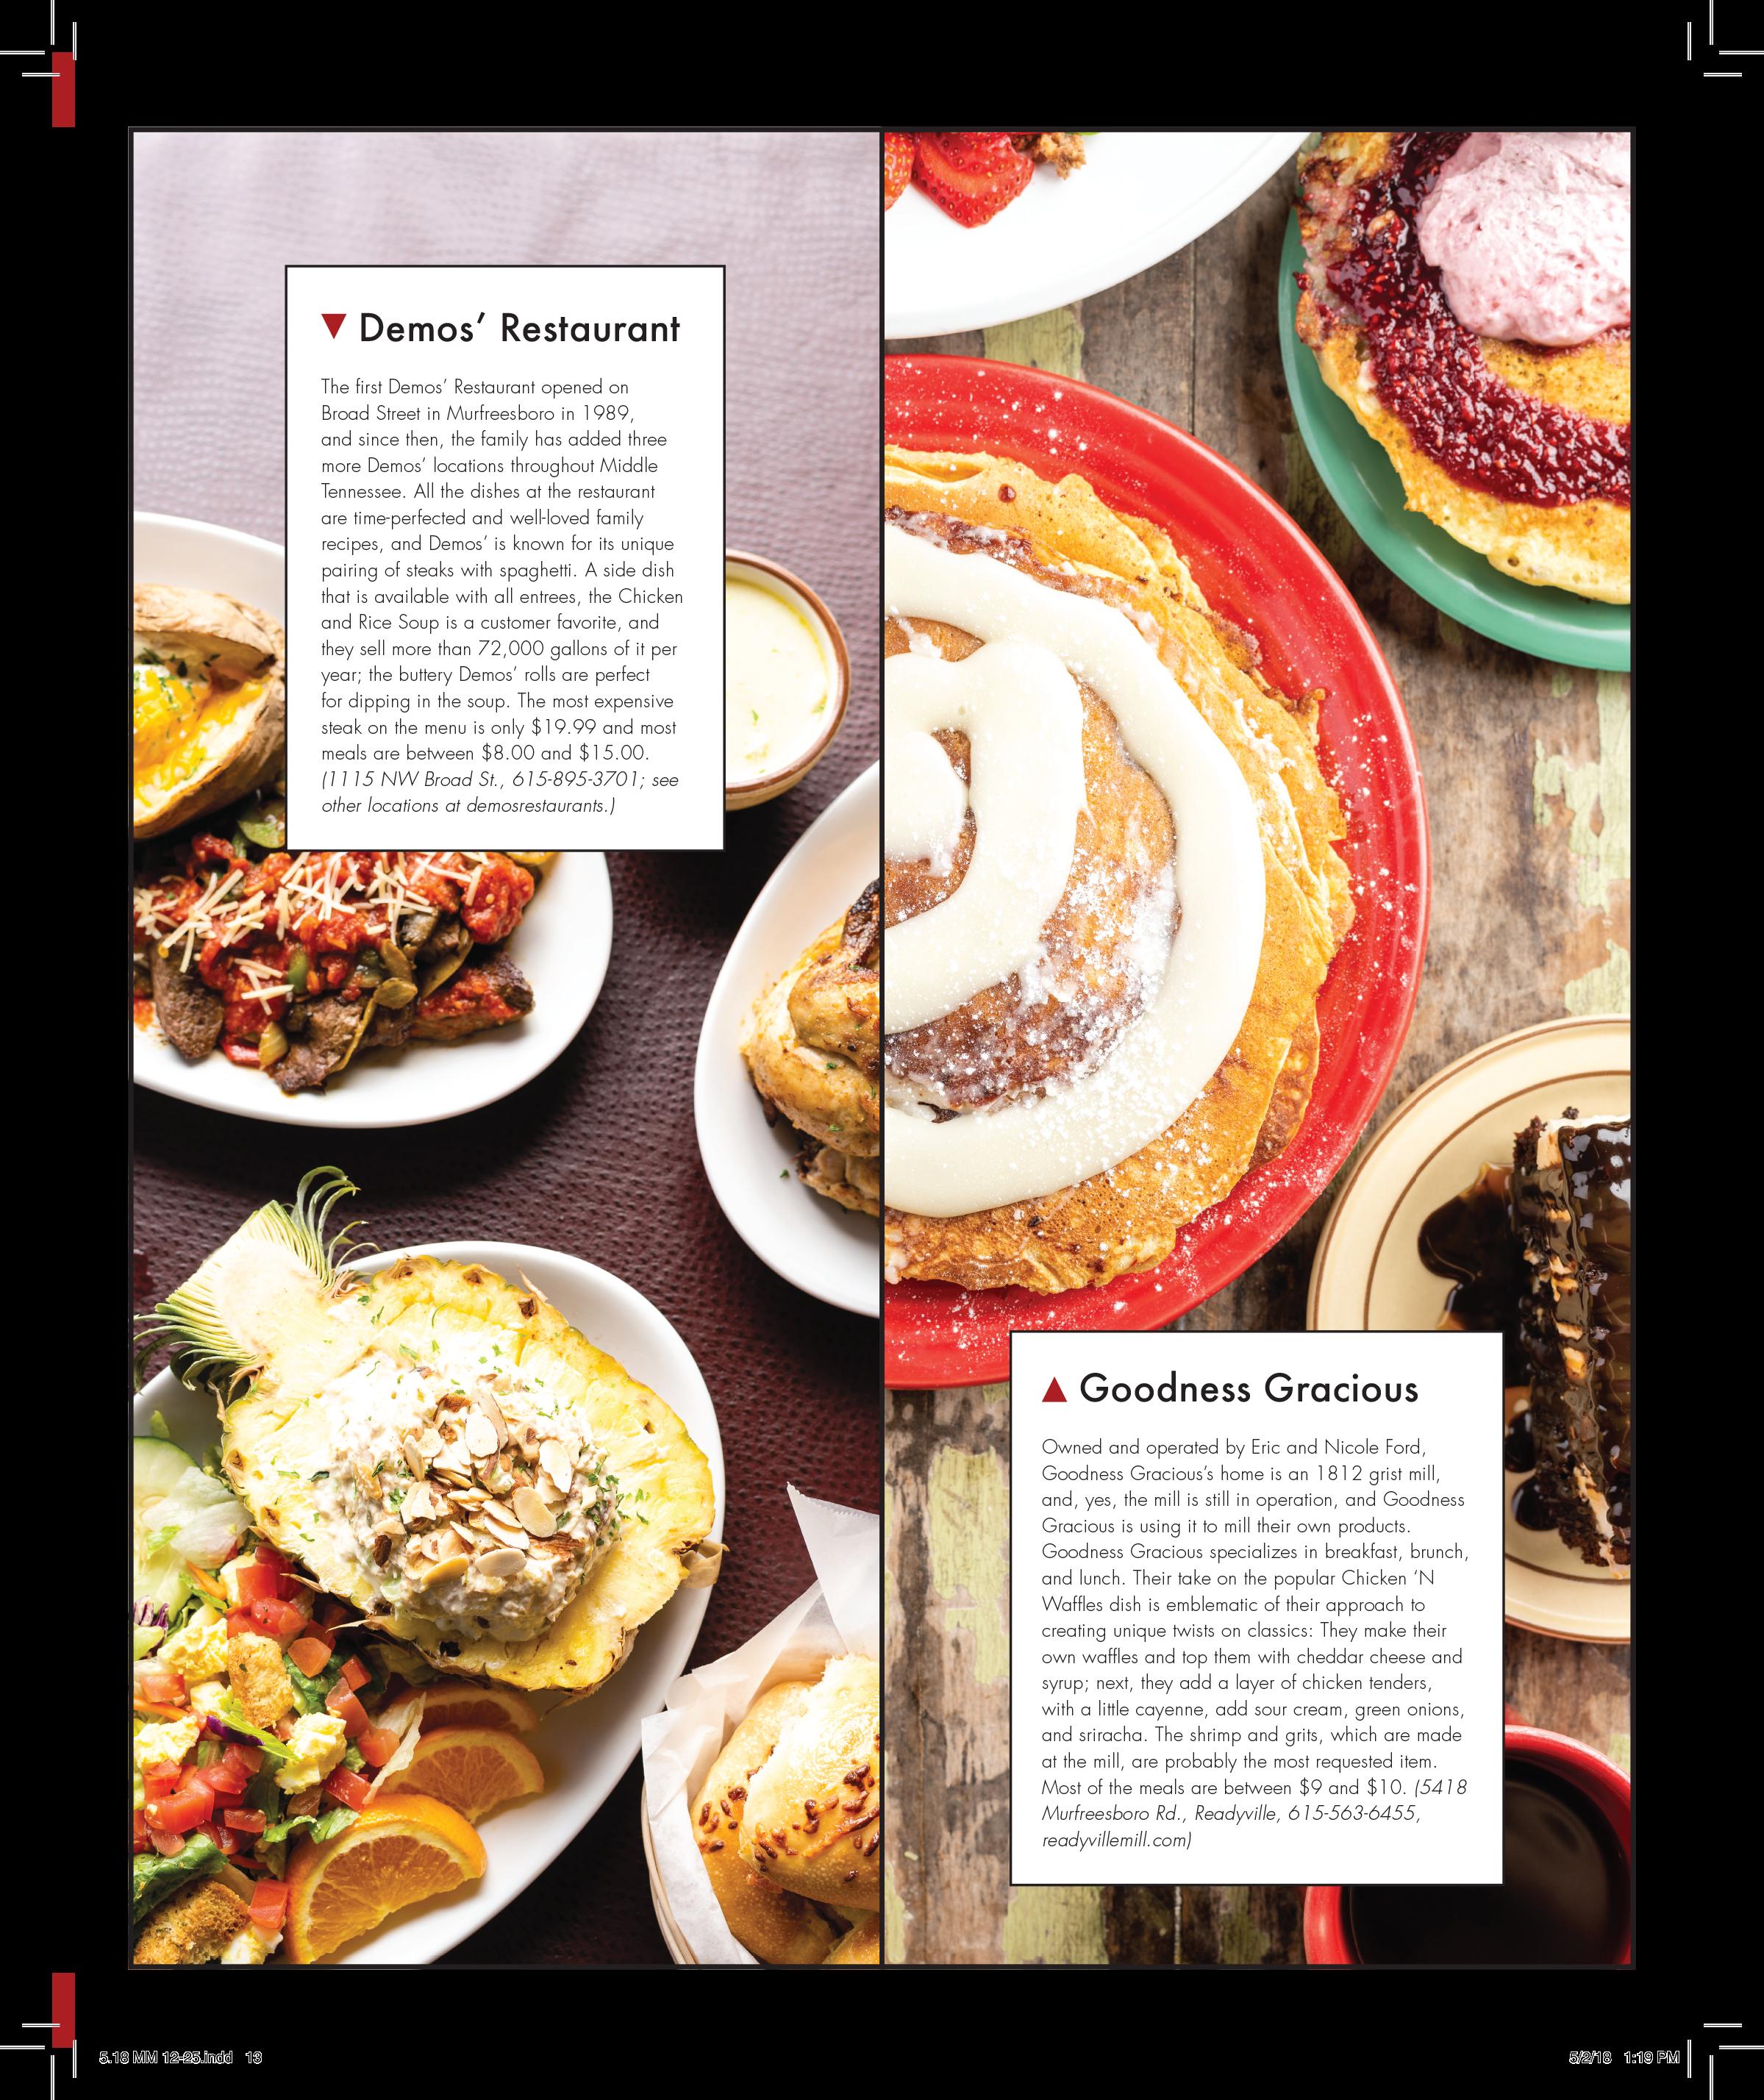 Restaurants_MM518 copy.png